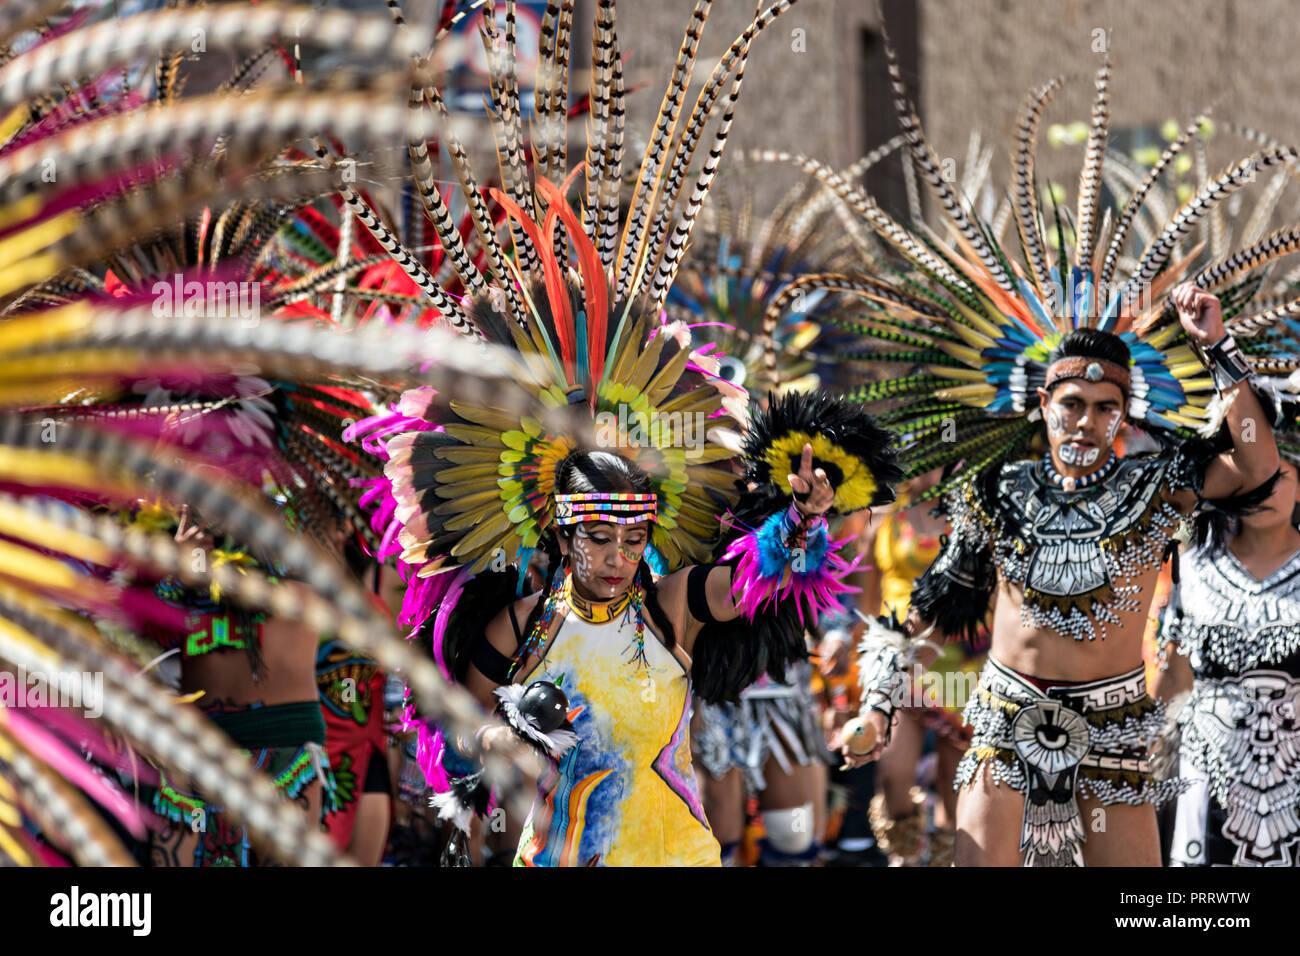 Chichimecas Aztecas Mexicas Imágenes De Stock Chichimecas Aztecas